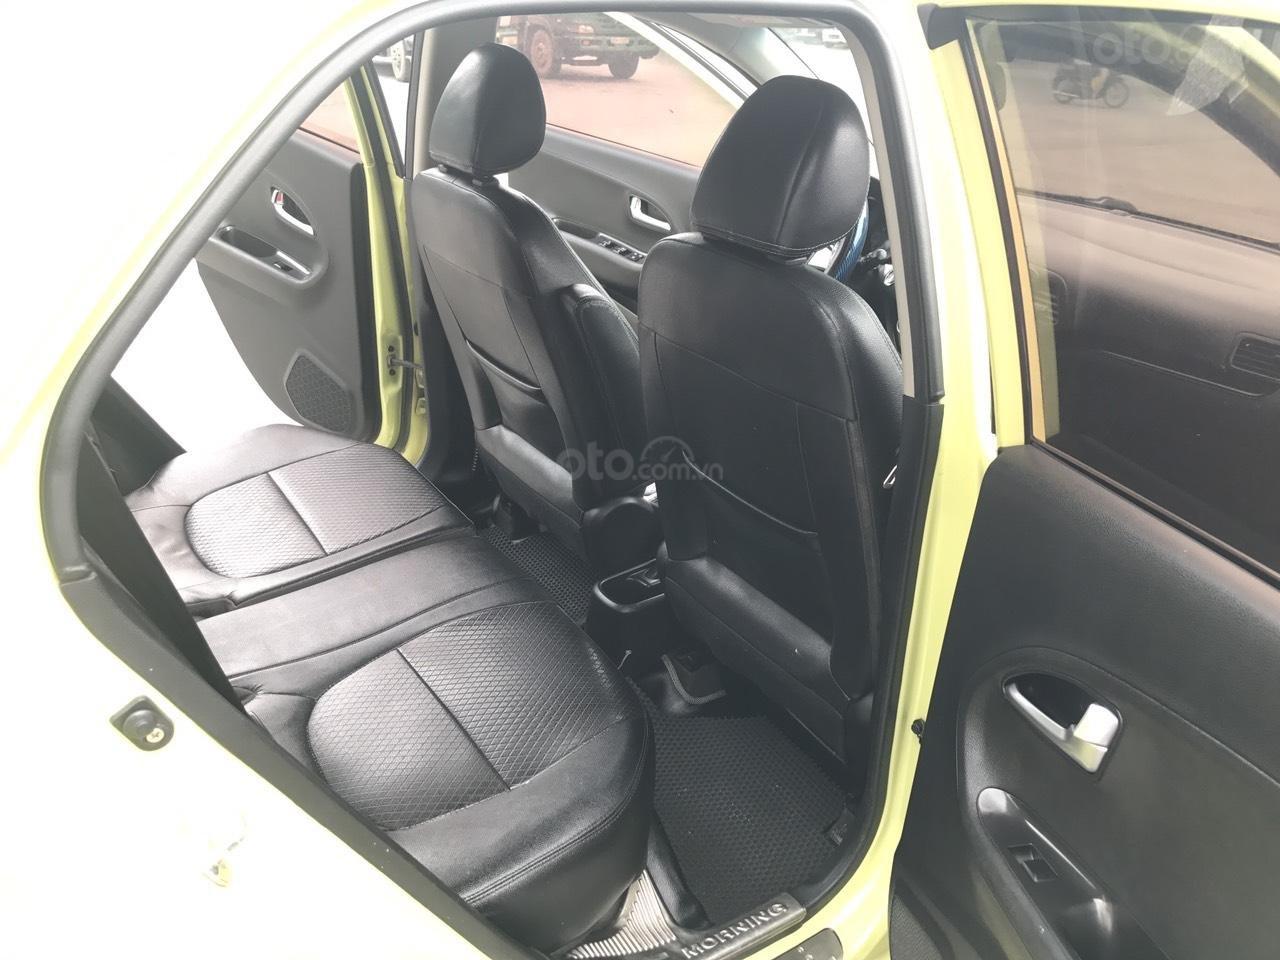 Kia Morning 1.0AT Sport cuối 2011 vàng chanh, 1 chủ, không mới, không đẹp, không chất tặng xe luôn, đẹp nhất thị trường (7)